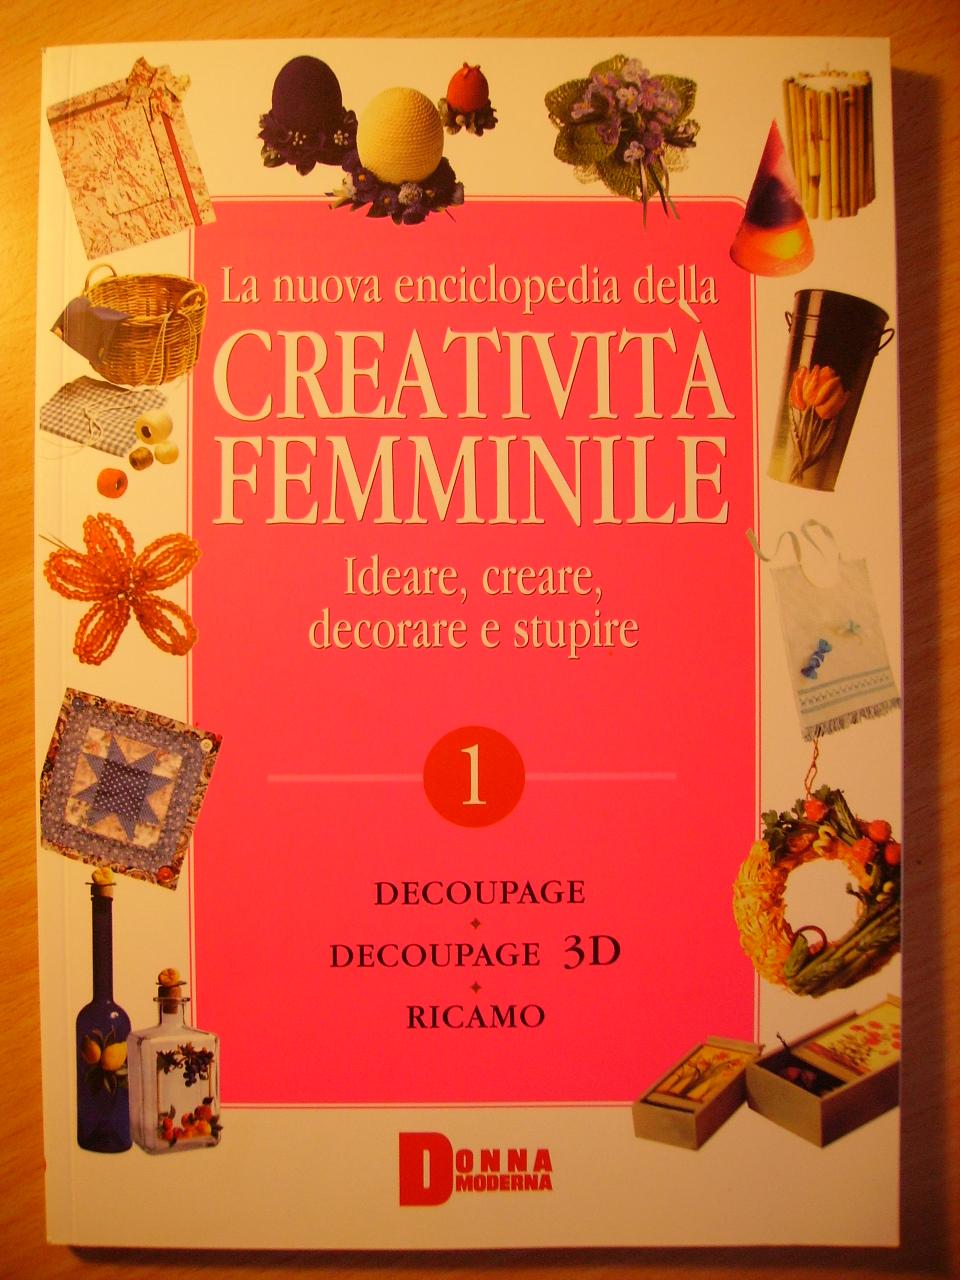 La nuova enciclopedia della creatività femminile